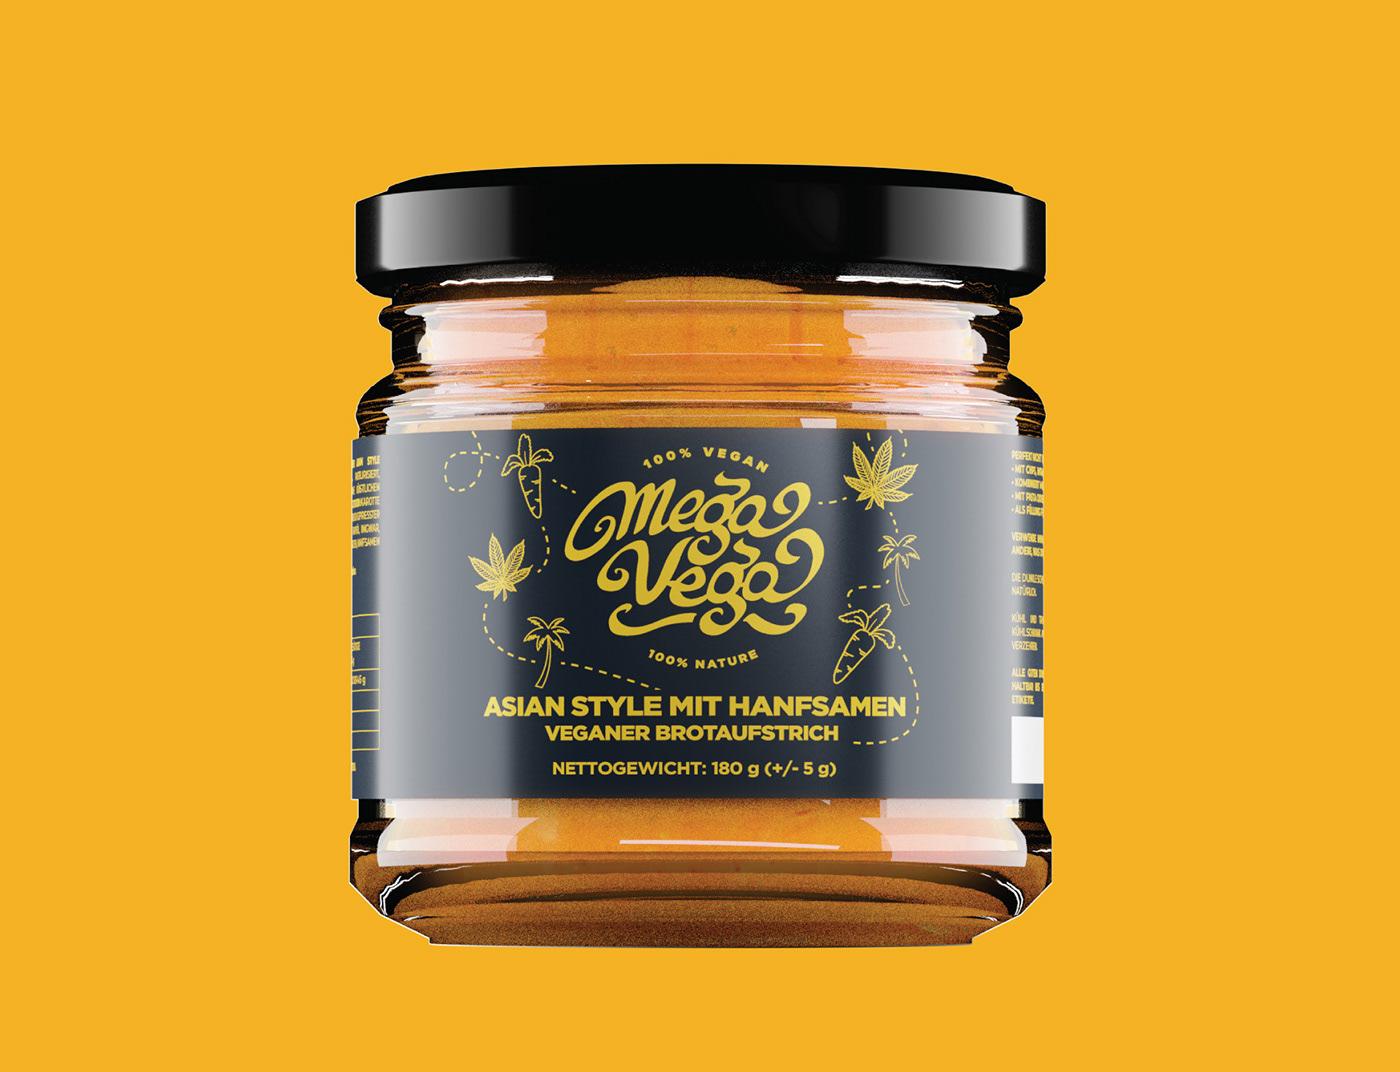 Image may contain: food, alcohol and mason jar